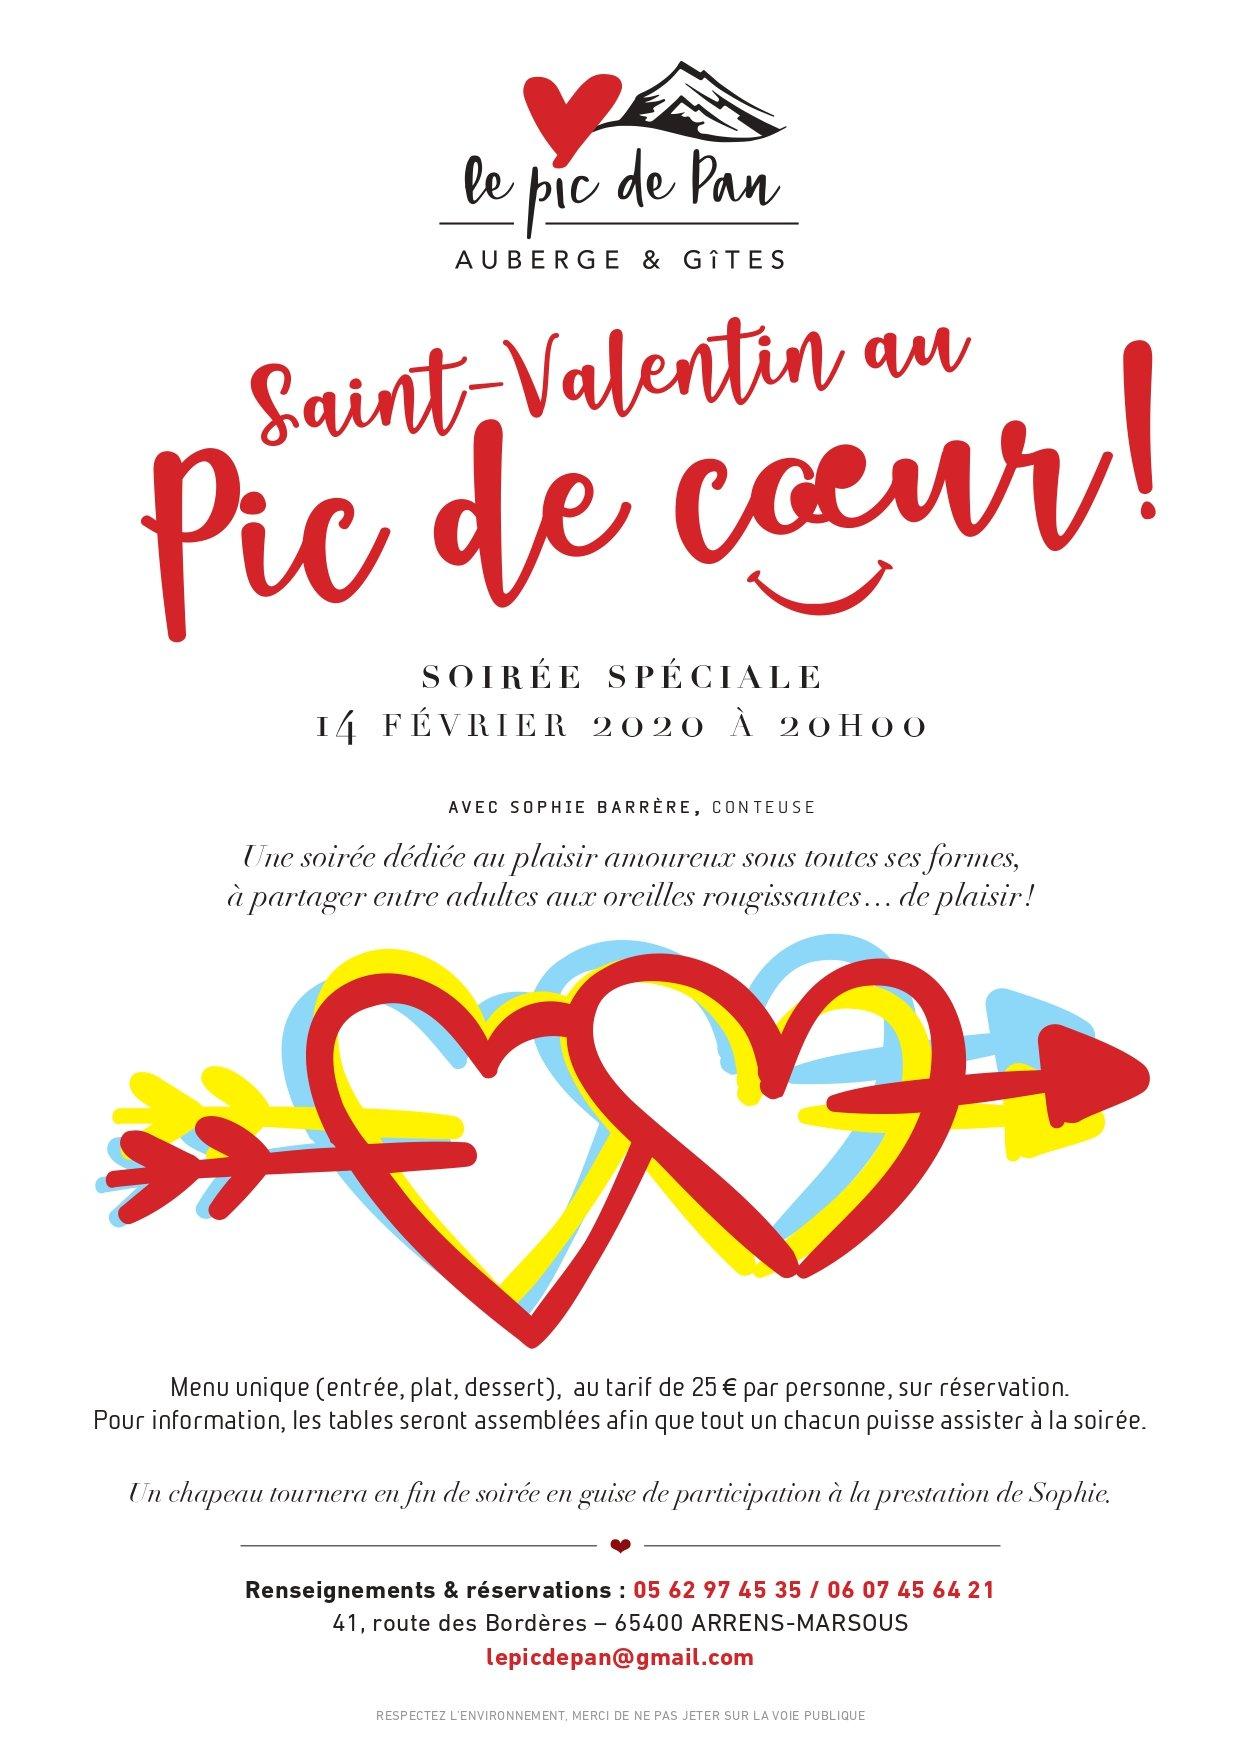 Contes Saint-Valentin Sophie BARRERE